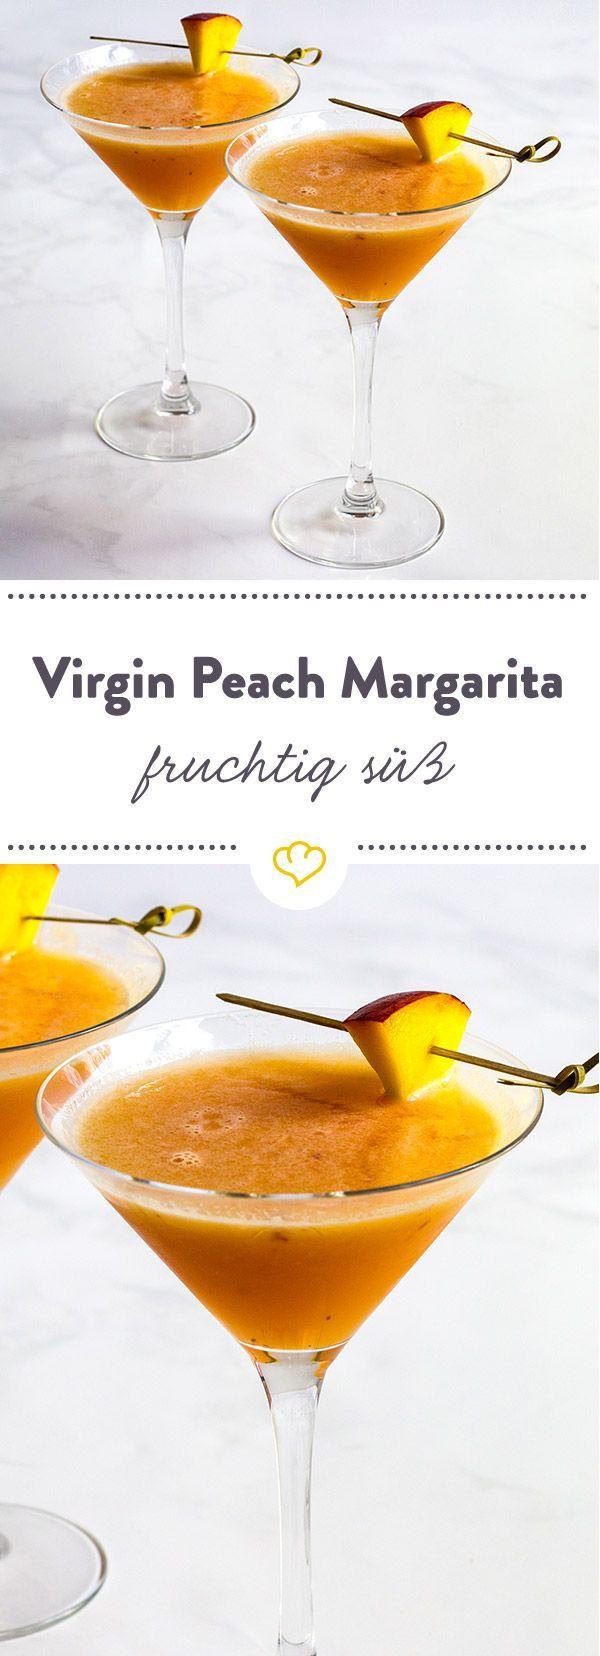 Der Drink mit stilsicherem Auftreten, ganz viel Aprikose und einem Spritzer Limette. Alkohol? Der bleibt außen vor! Den vermisst sowieso keiner.